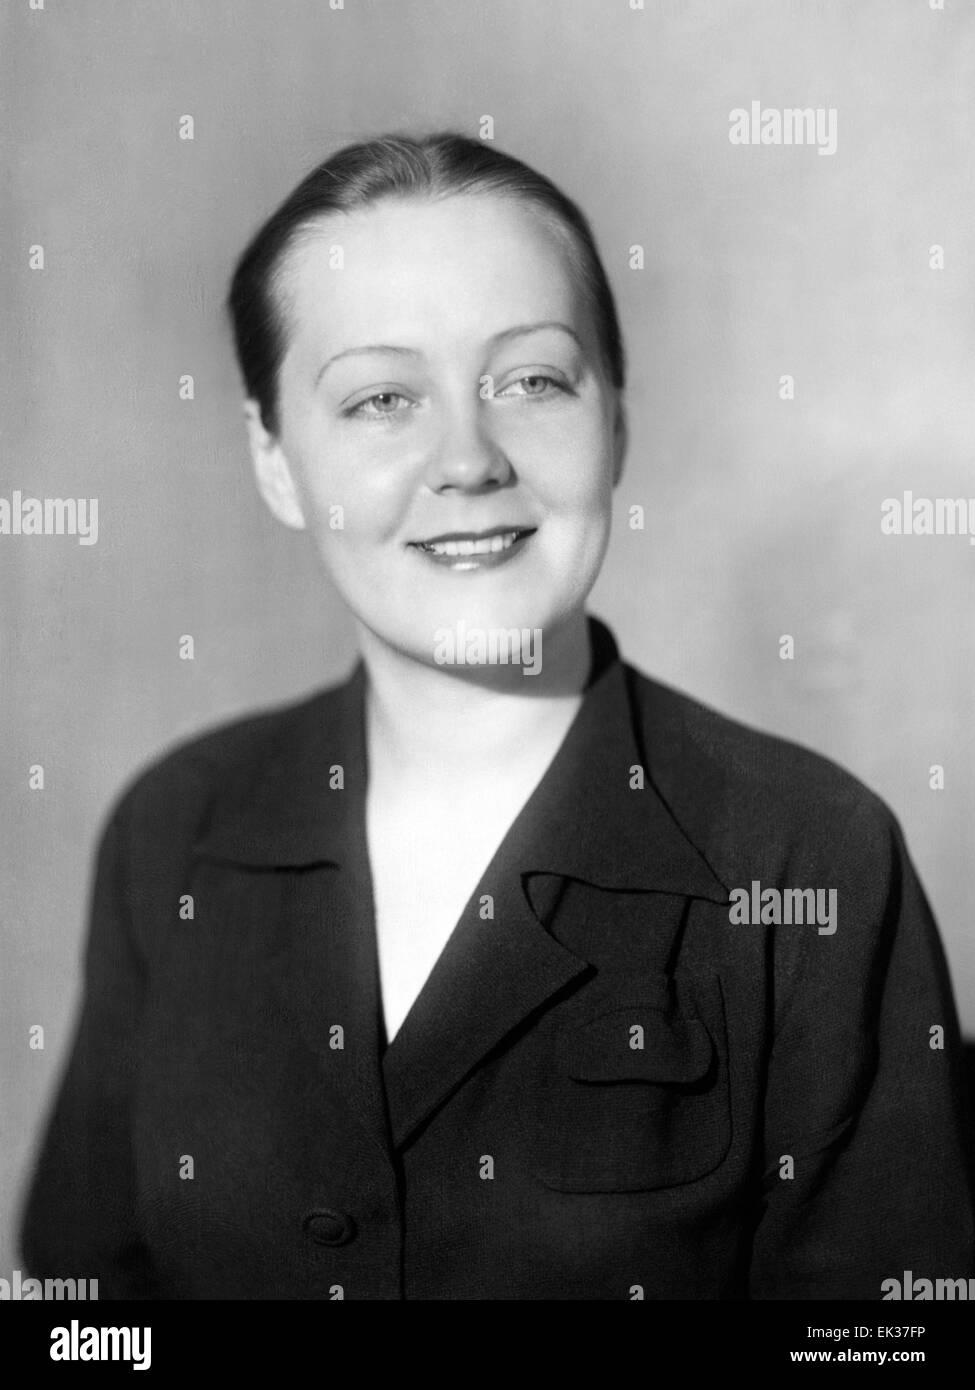 ITAR-TASS: USSR, MOSCOW. Actress Tatiana Zabrodina. - Stock Image